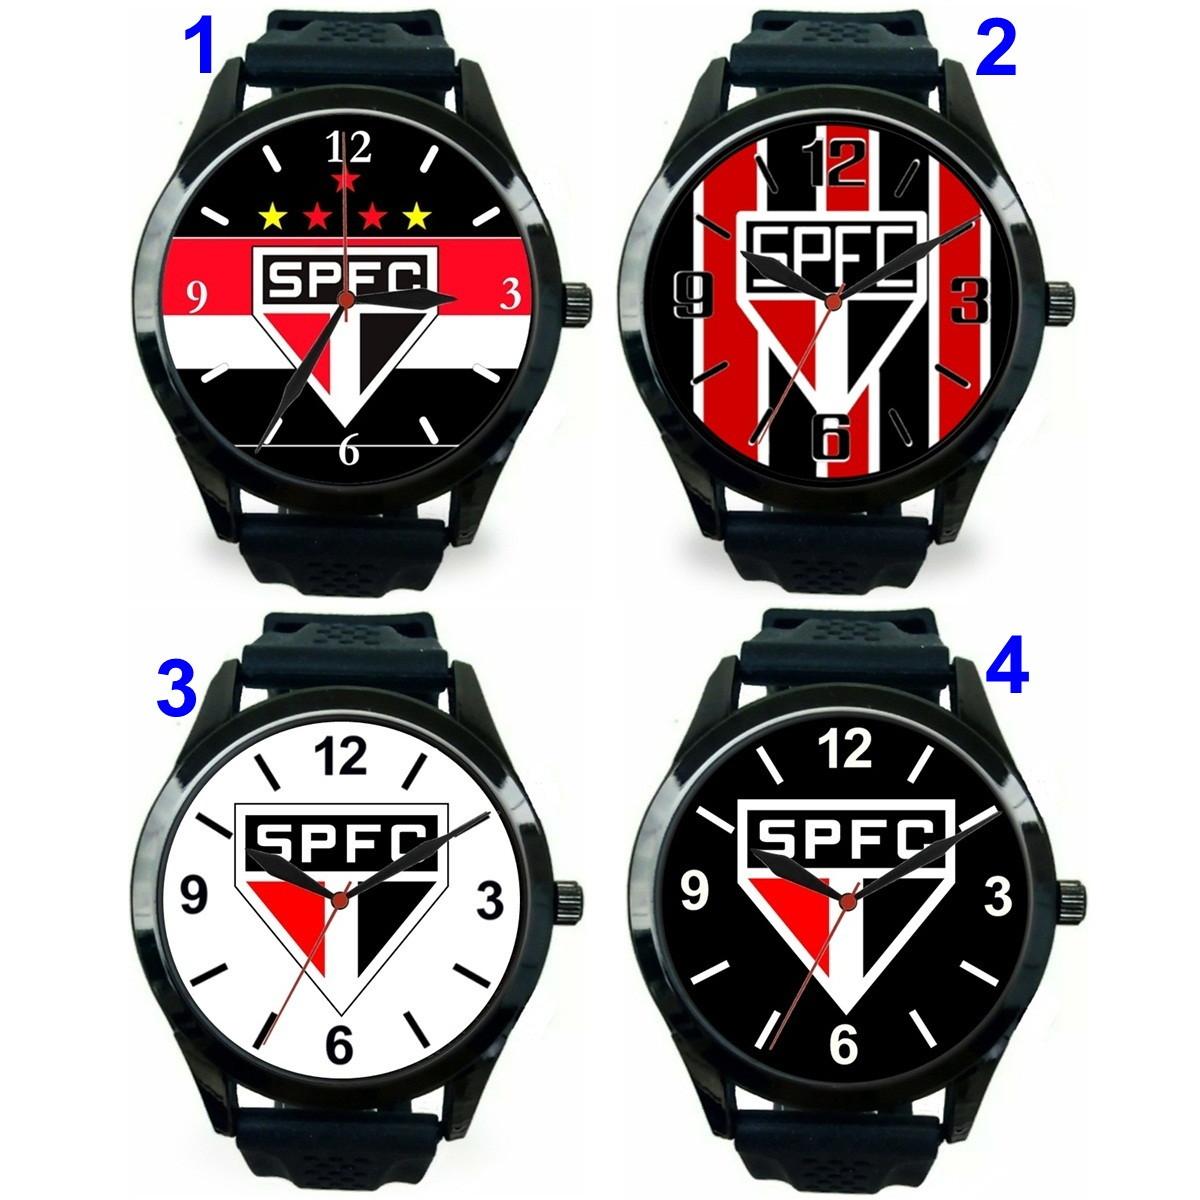 07aaf7cc444 1 Relógio pulso personalizado esportivo São Paulo barato no Elo7 ...